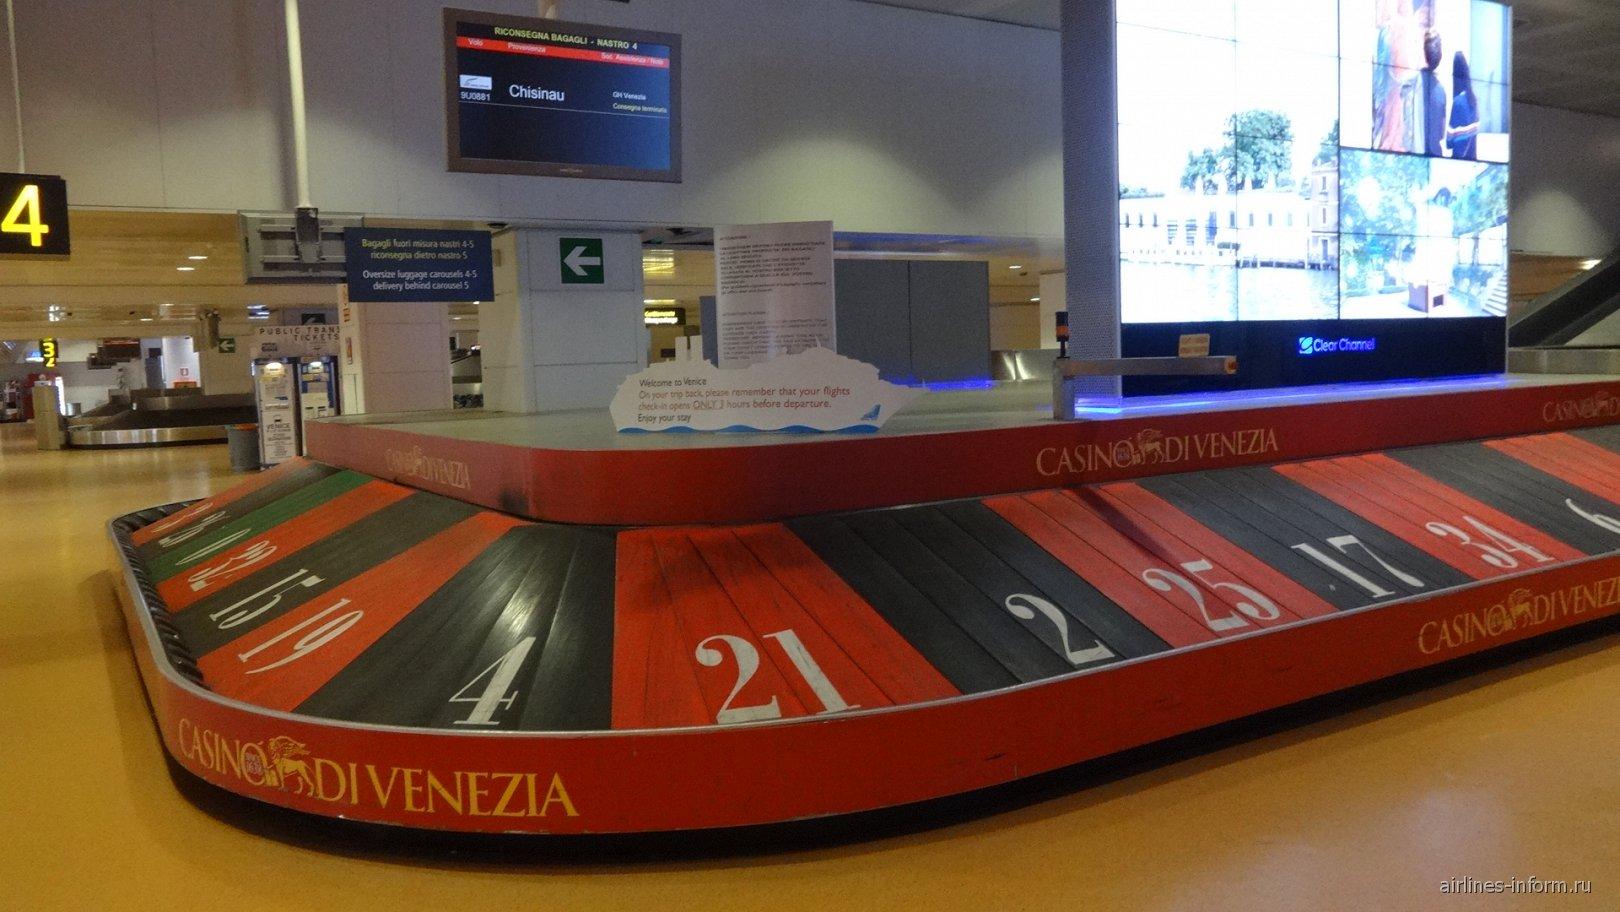 Зал получения багажа в аэропорту Венеция Марко Поло